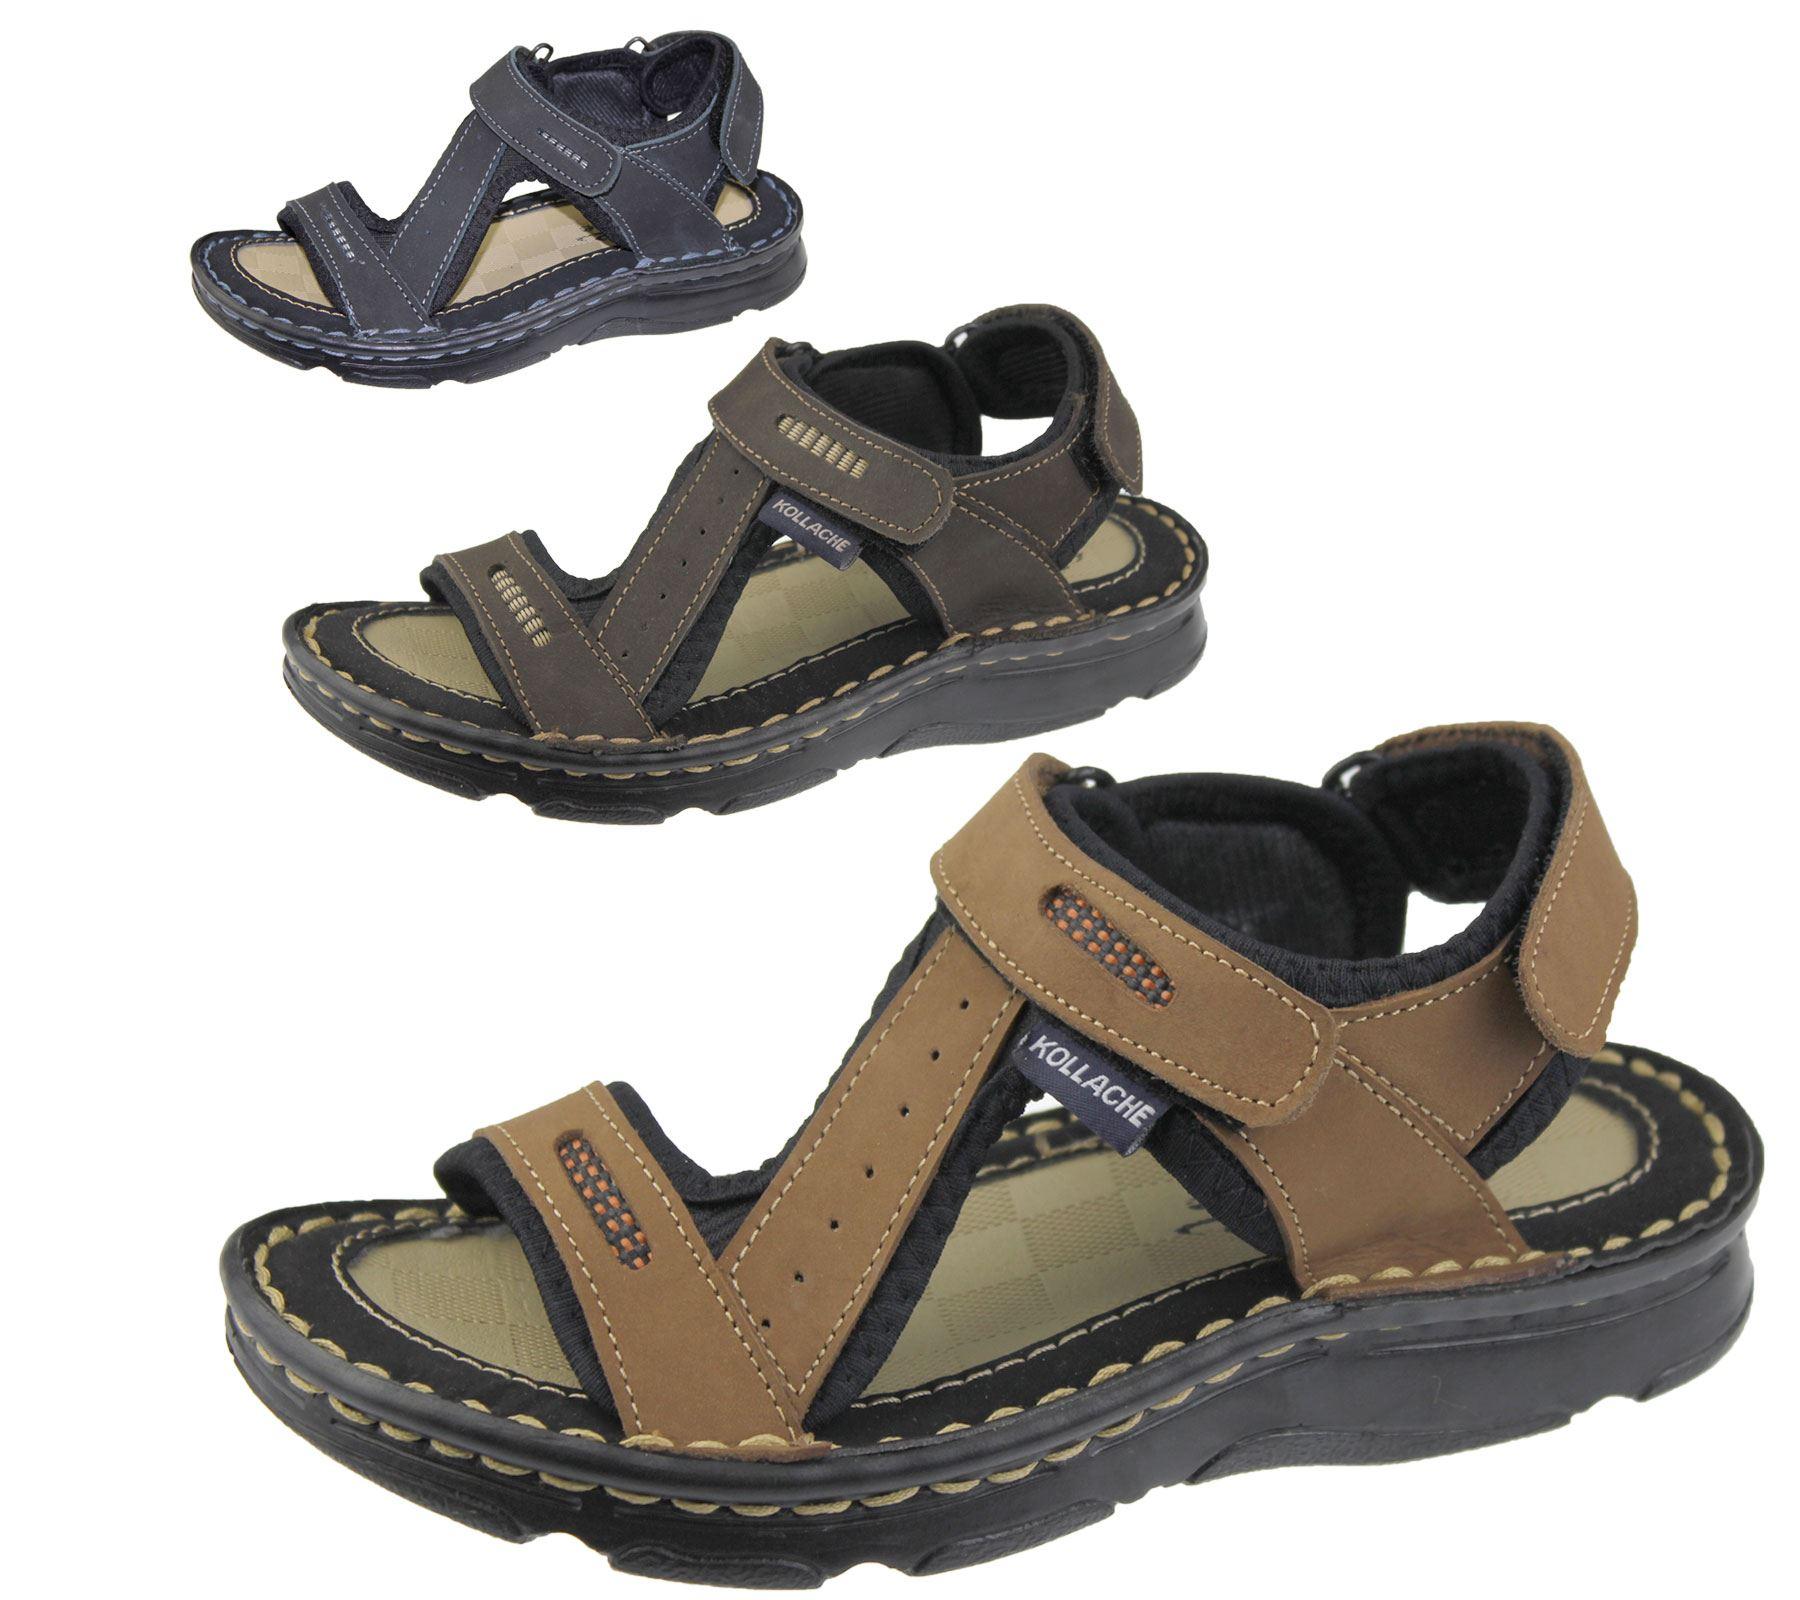 0bc87ff6cdbb8 Mens Sports Sandal Beach Buckle Walking Fashion Summer Casual Slipper Shoes  Size